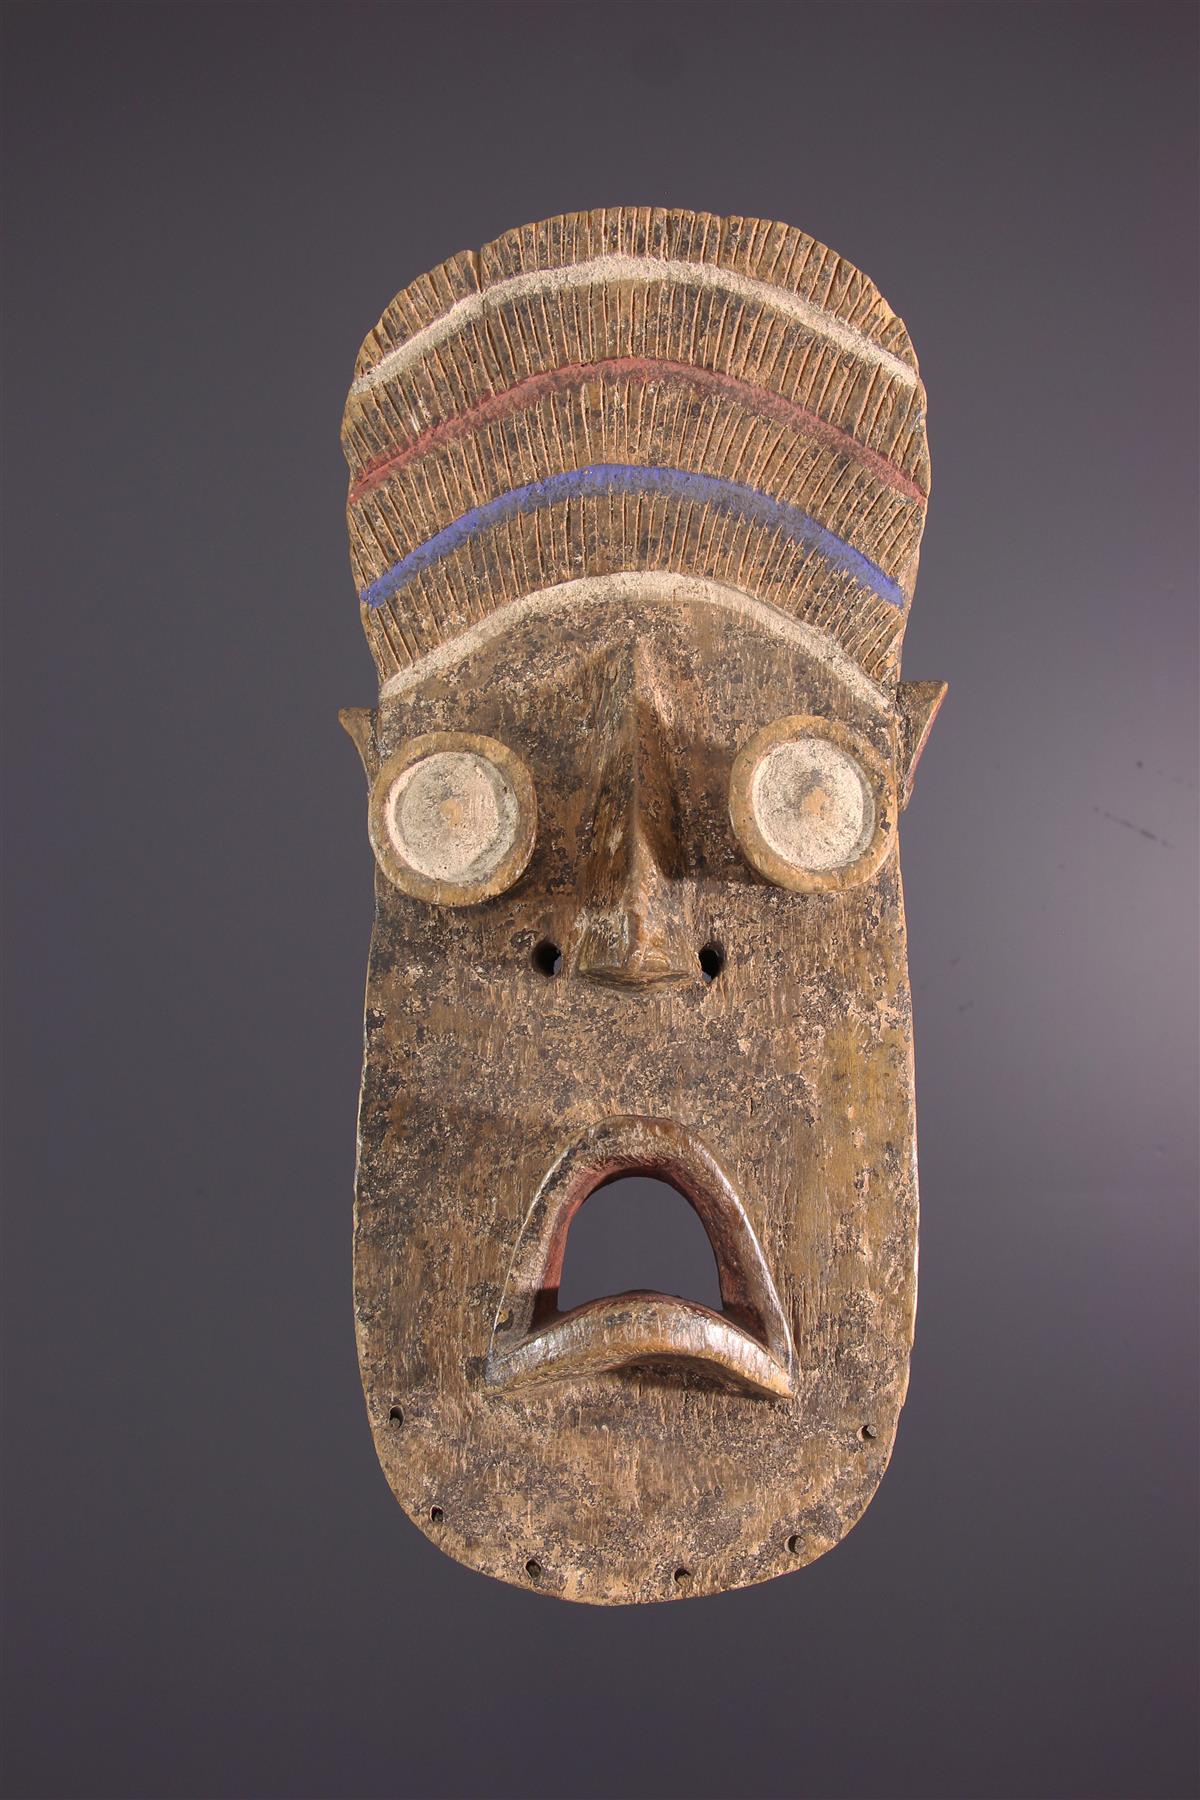 Kru masker - Afrikaanse kunst